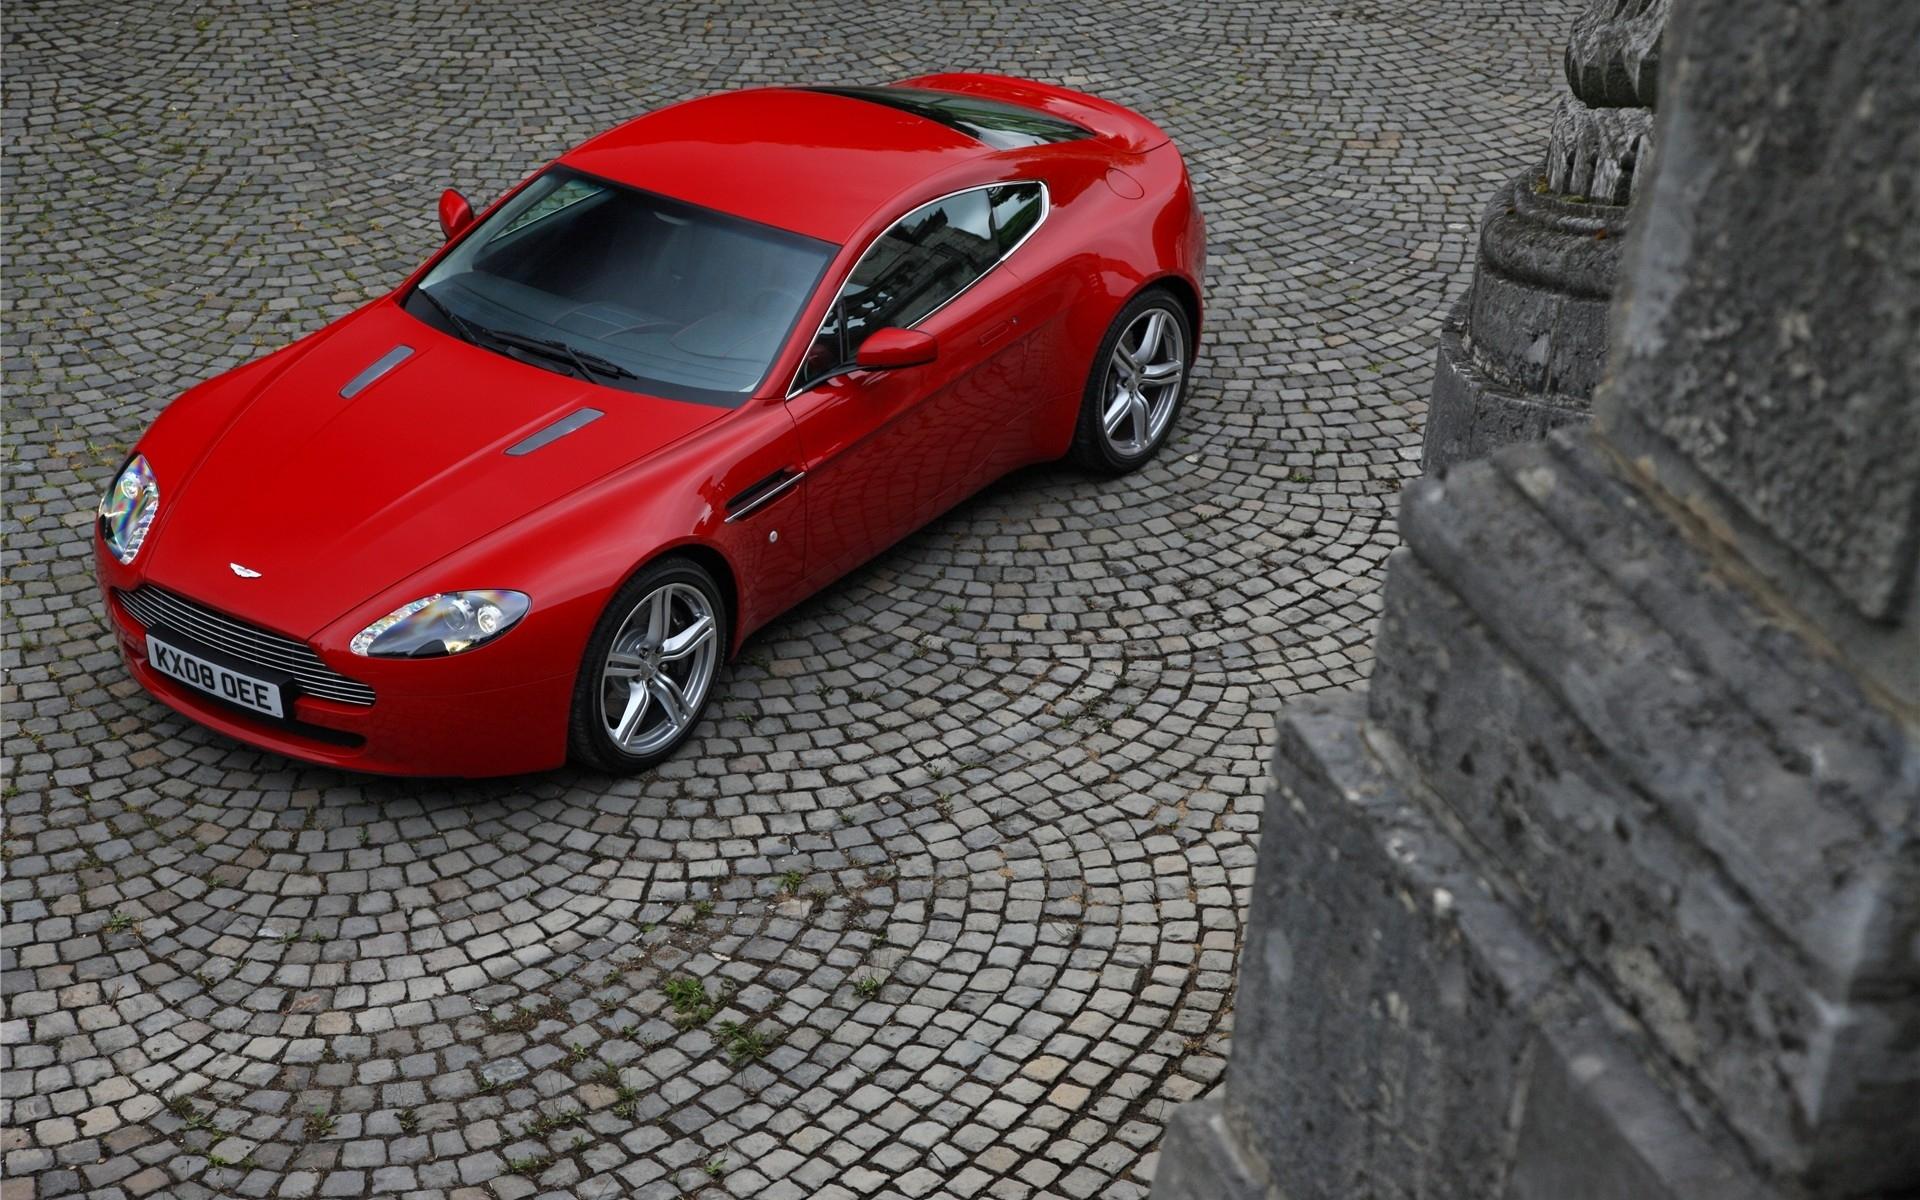 44595 скачать обои Транспорт, Машины, Астон Мартин (Aston Martin) - заставки и картинки бесплатно